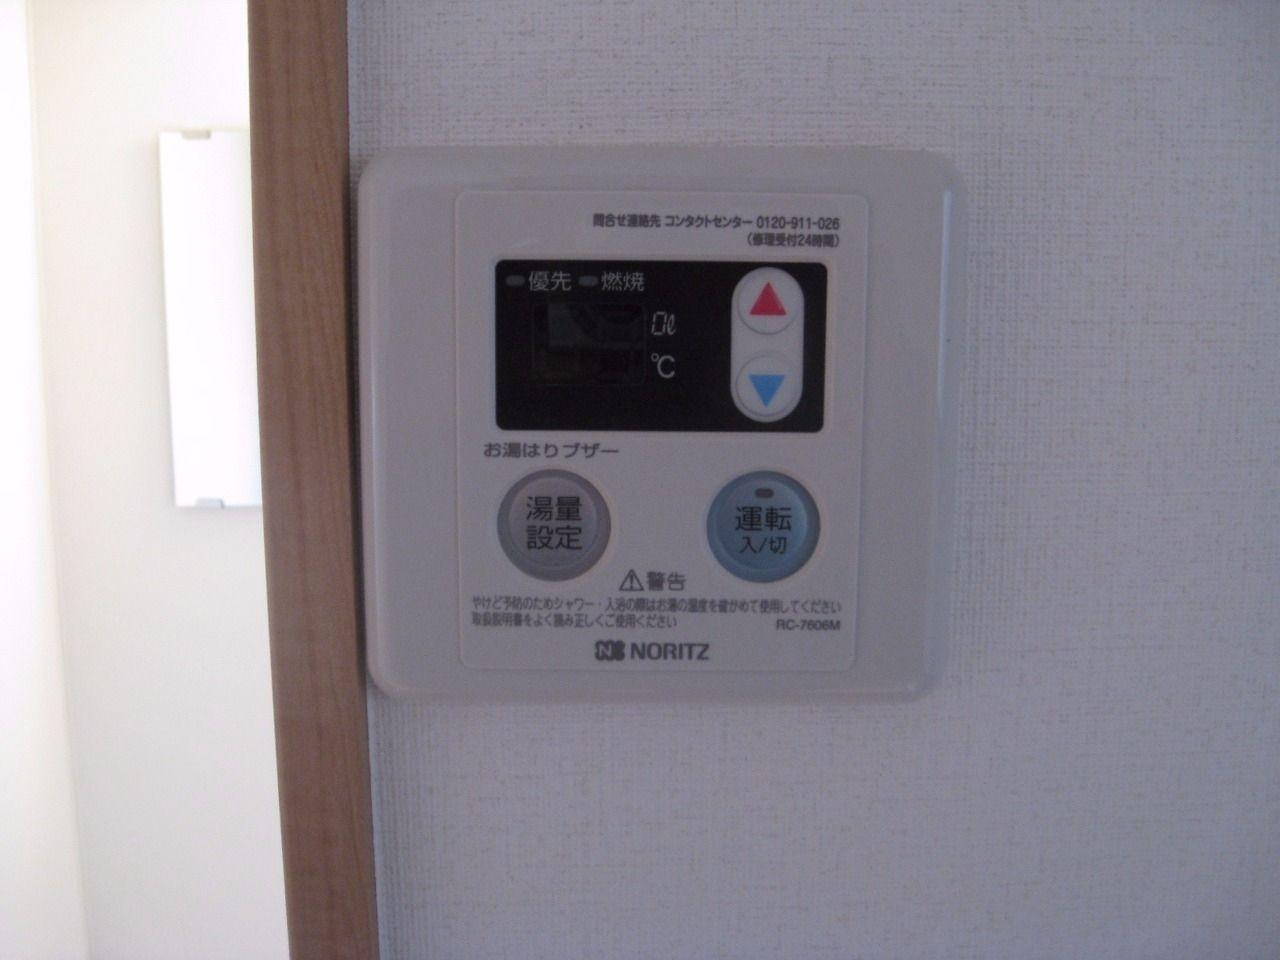 温度設定ができ便利です